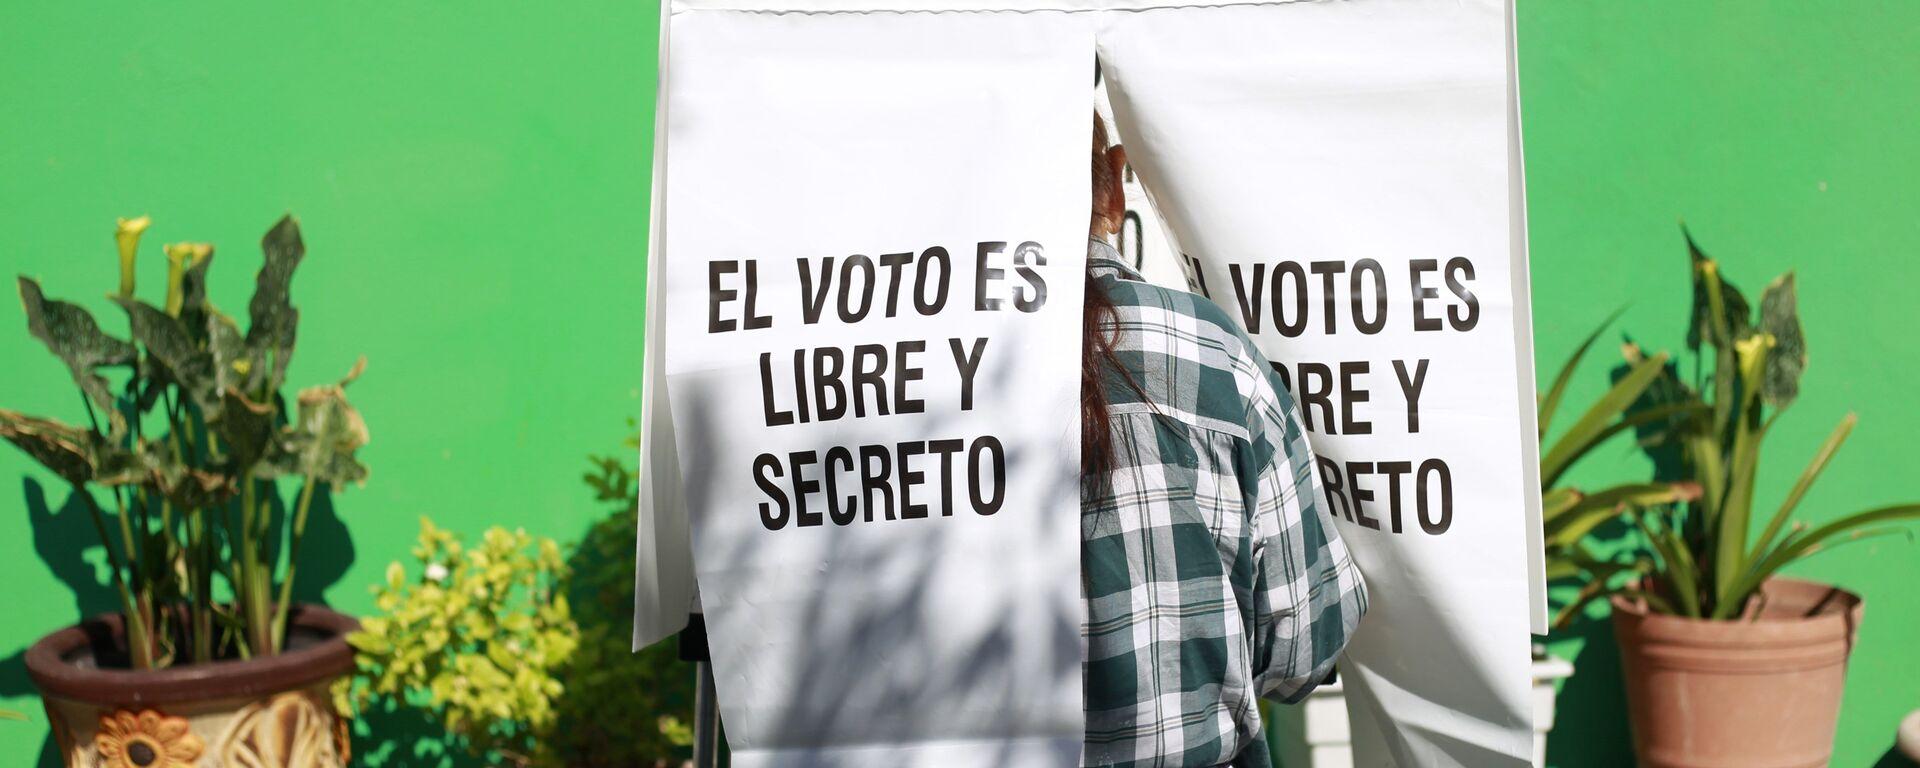 Elecciones en México - Sputnik Mundo, 1920, 14.09.2021